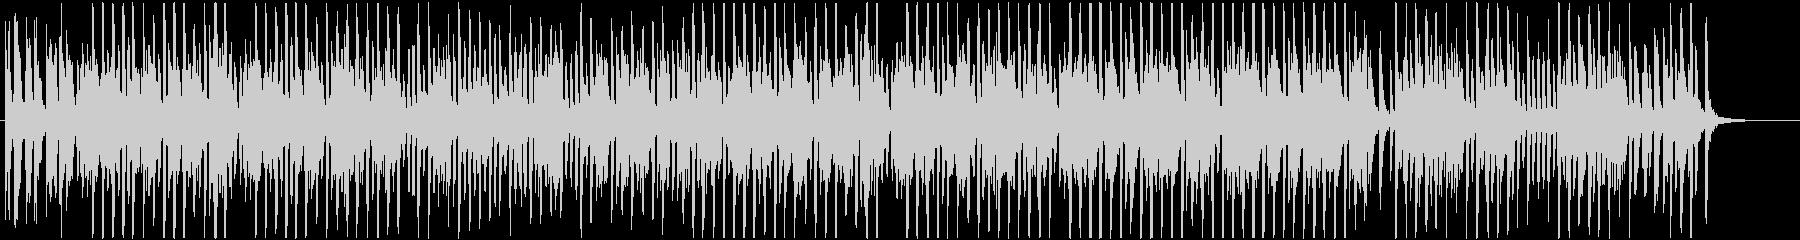 ラグタイムピアノの明るいBGMの未再生の波形